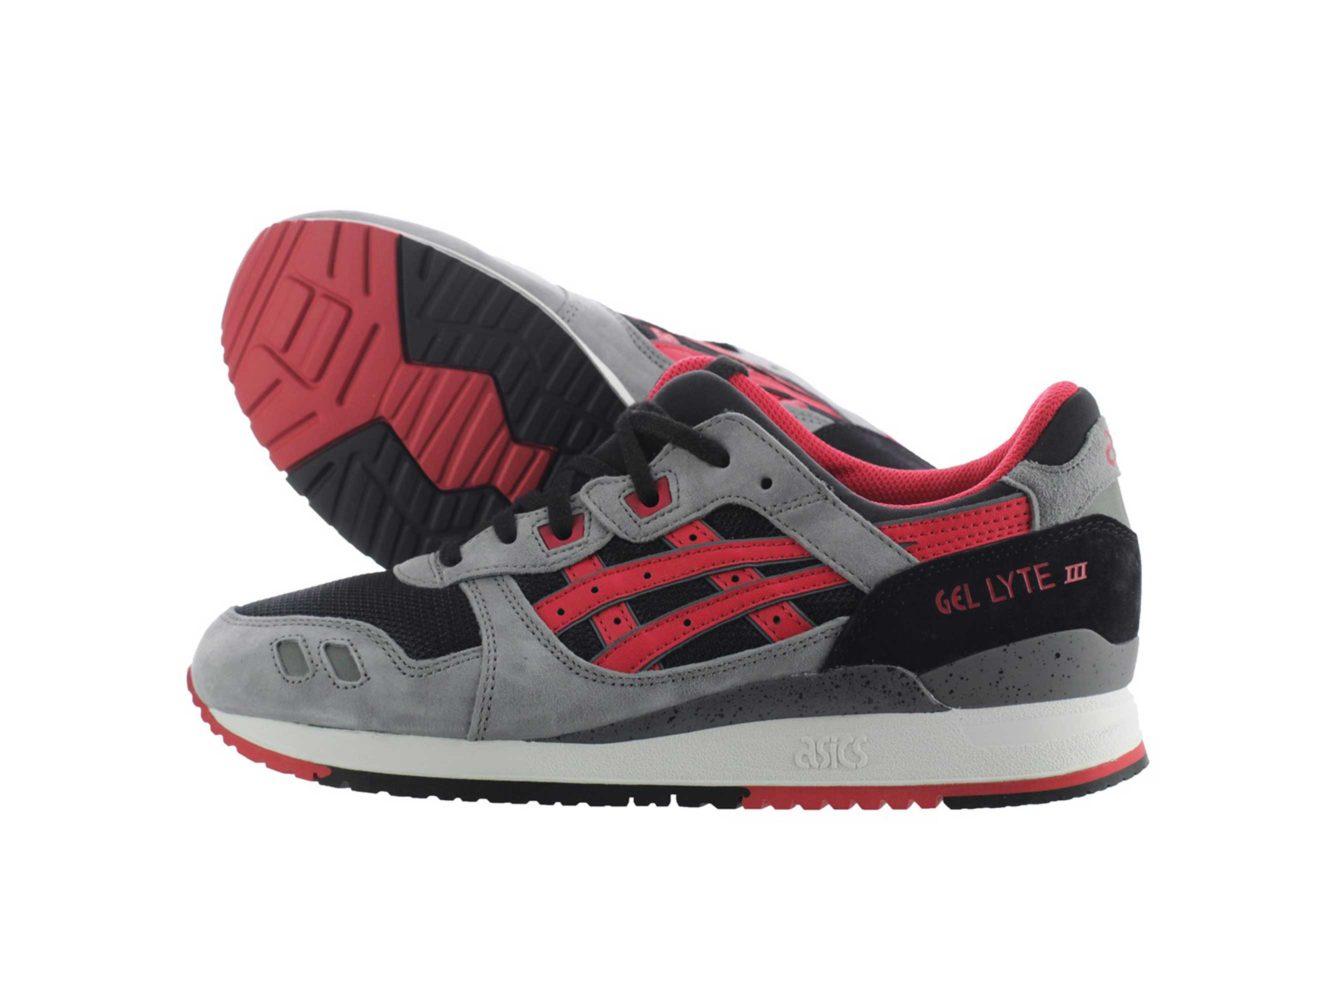 Интернет магазин купить оригинальные кроссовки ASICS GEL-LYTE III H635L-9023